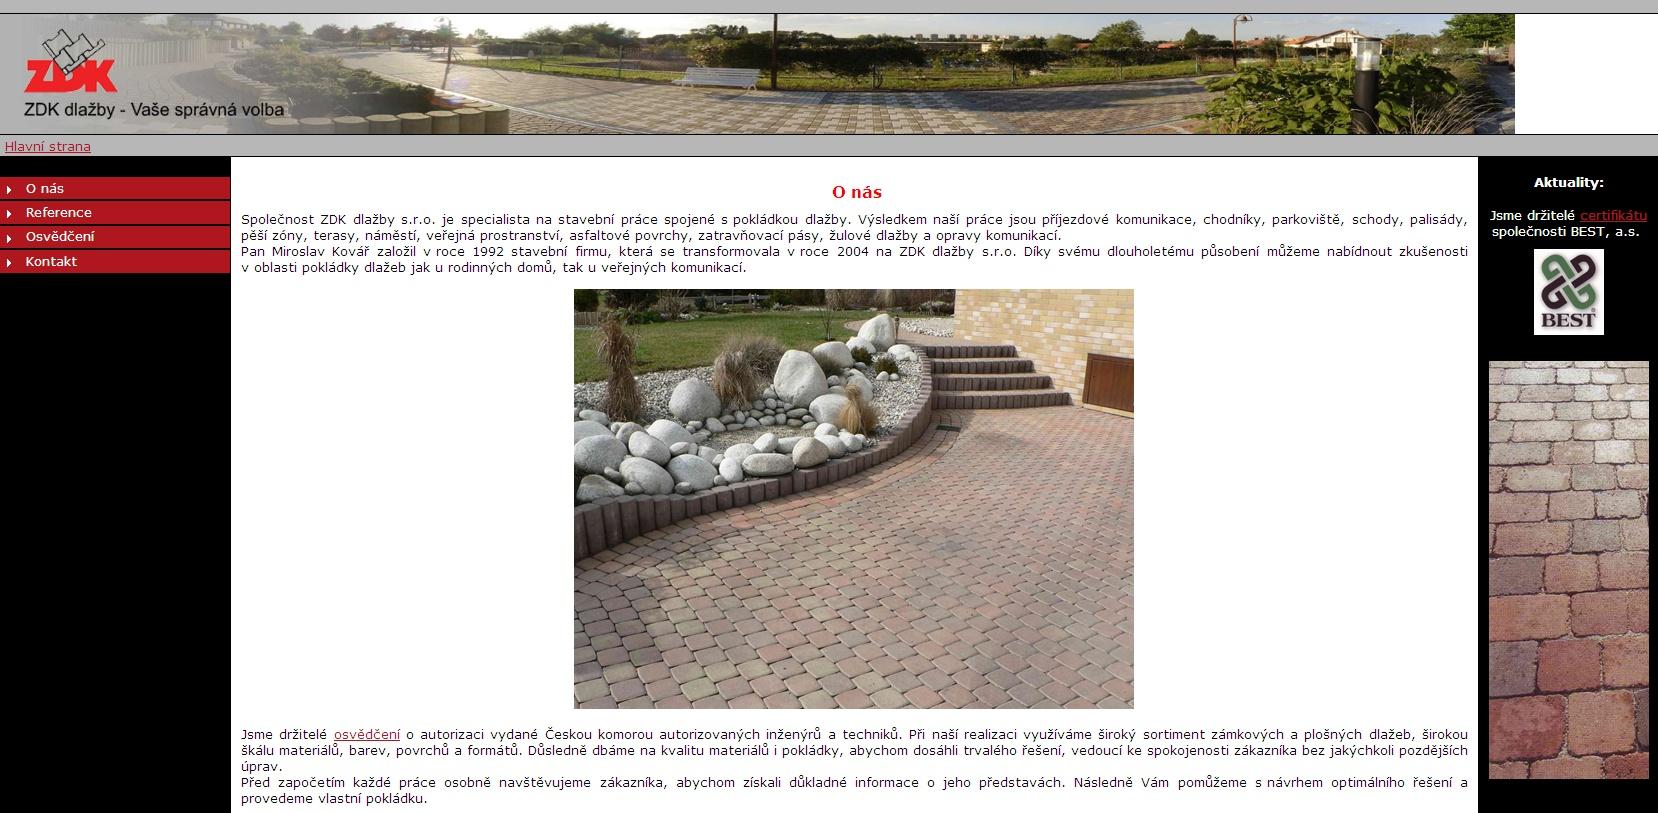 Společnost ZDK dlažby s.r.o. je specialista na stavební práce spojené s pokládkou dlažby. Výsledkem naší práce jsou příjezdové komunikace, chodníky, parkoviště, schody, palisády, pěší zóny, terasy, náměstí, veřejná prostranství, asfaltové povrchy, zatravňovací pásy, žulové dlažby a opravy komunikací.